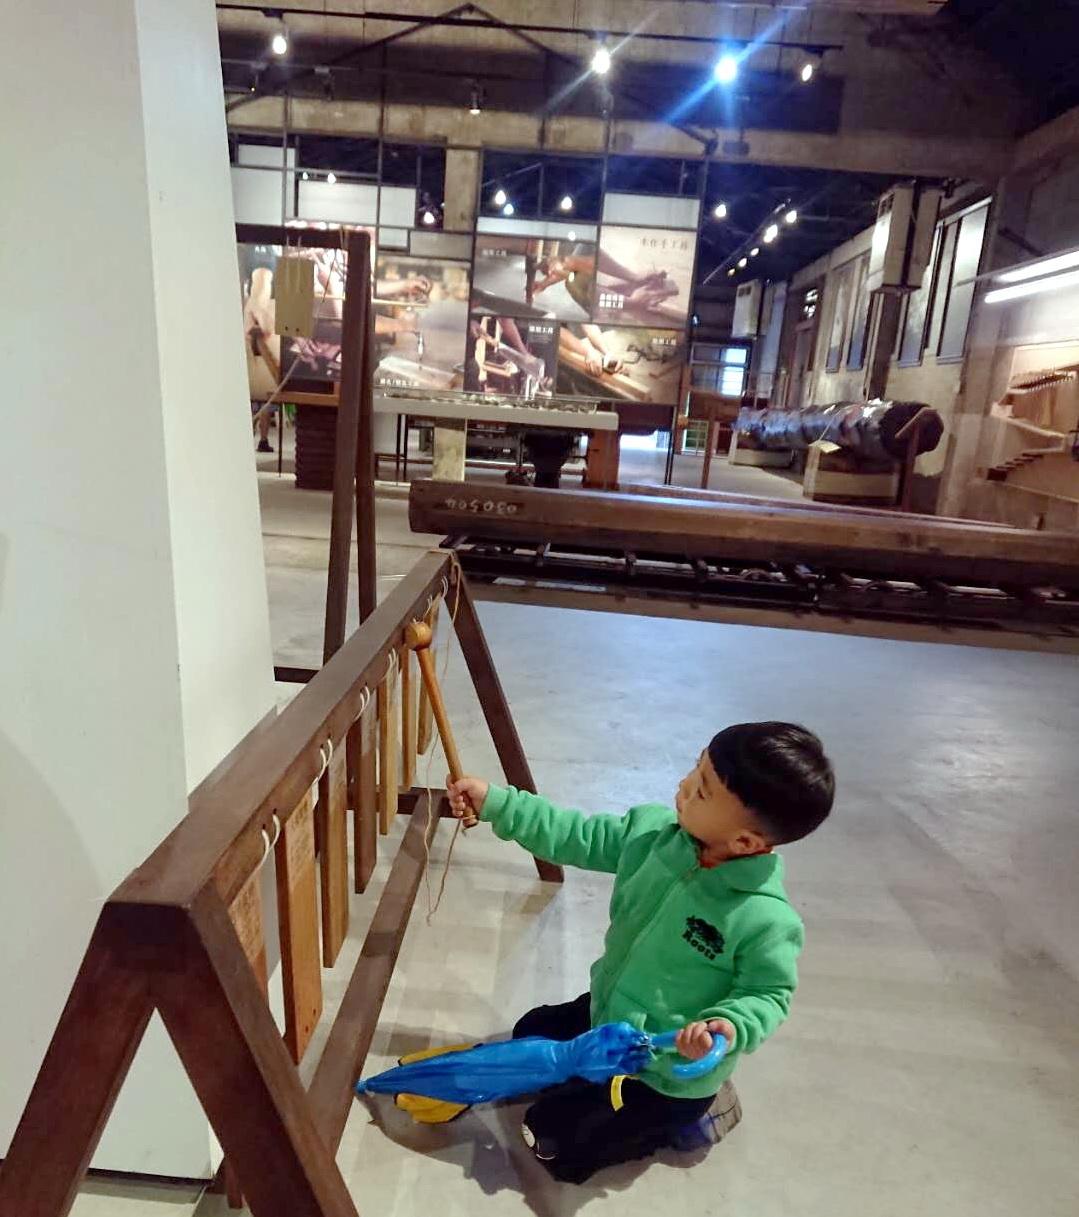 臺南・家具產業博物館:2019/06/27-2019/07/15【這夏有木憩】